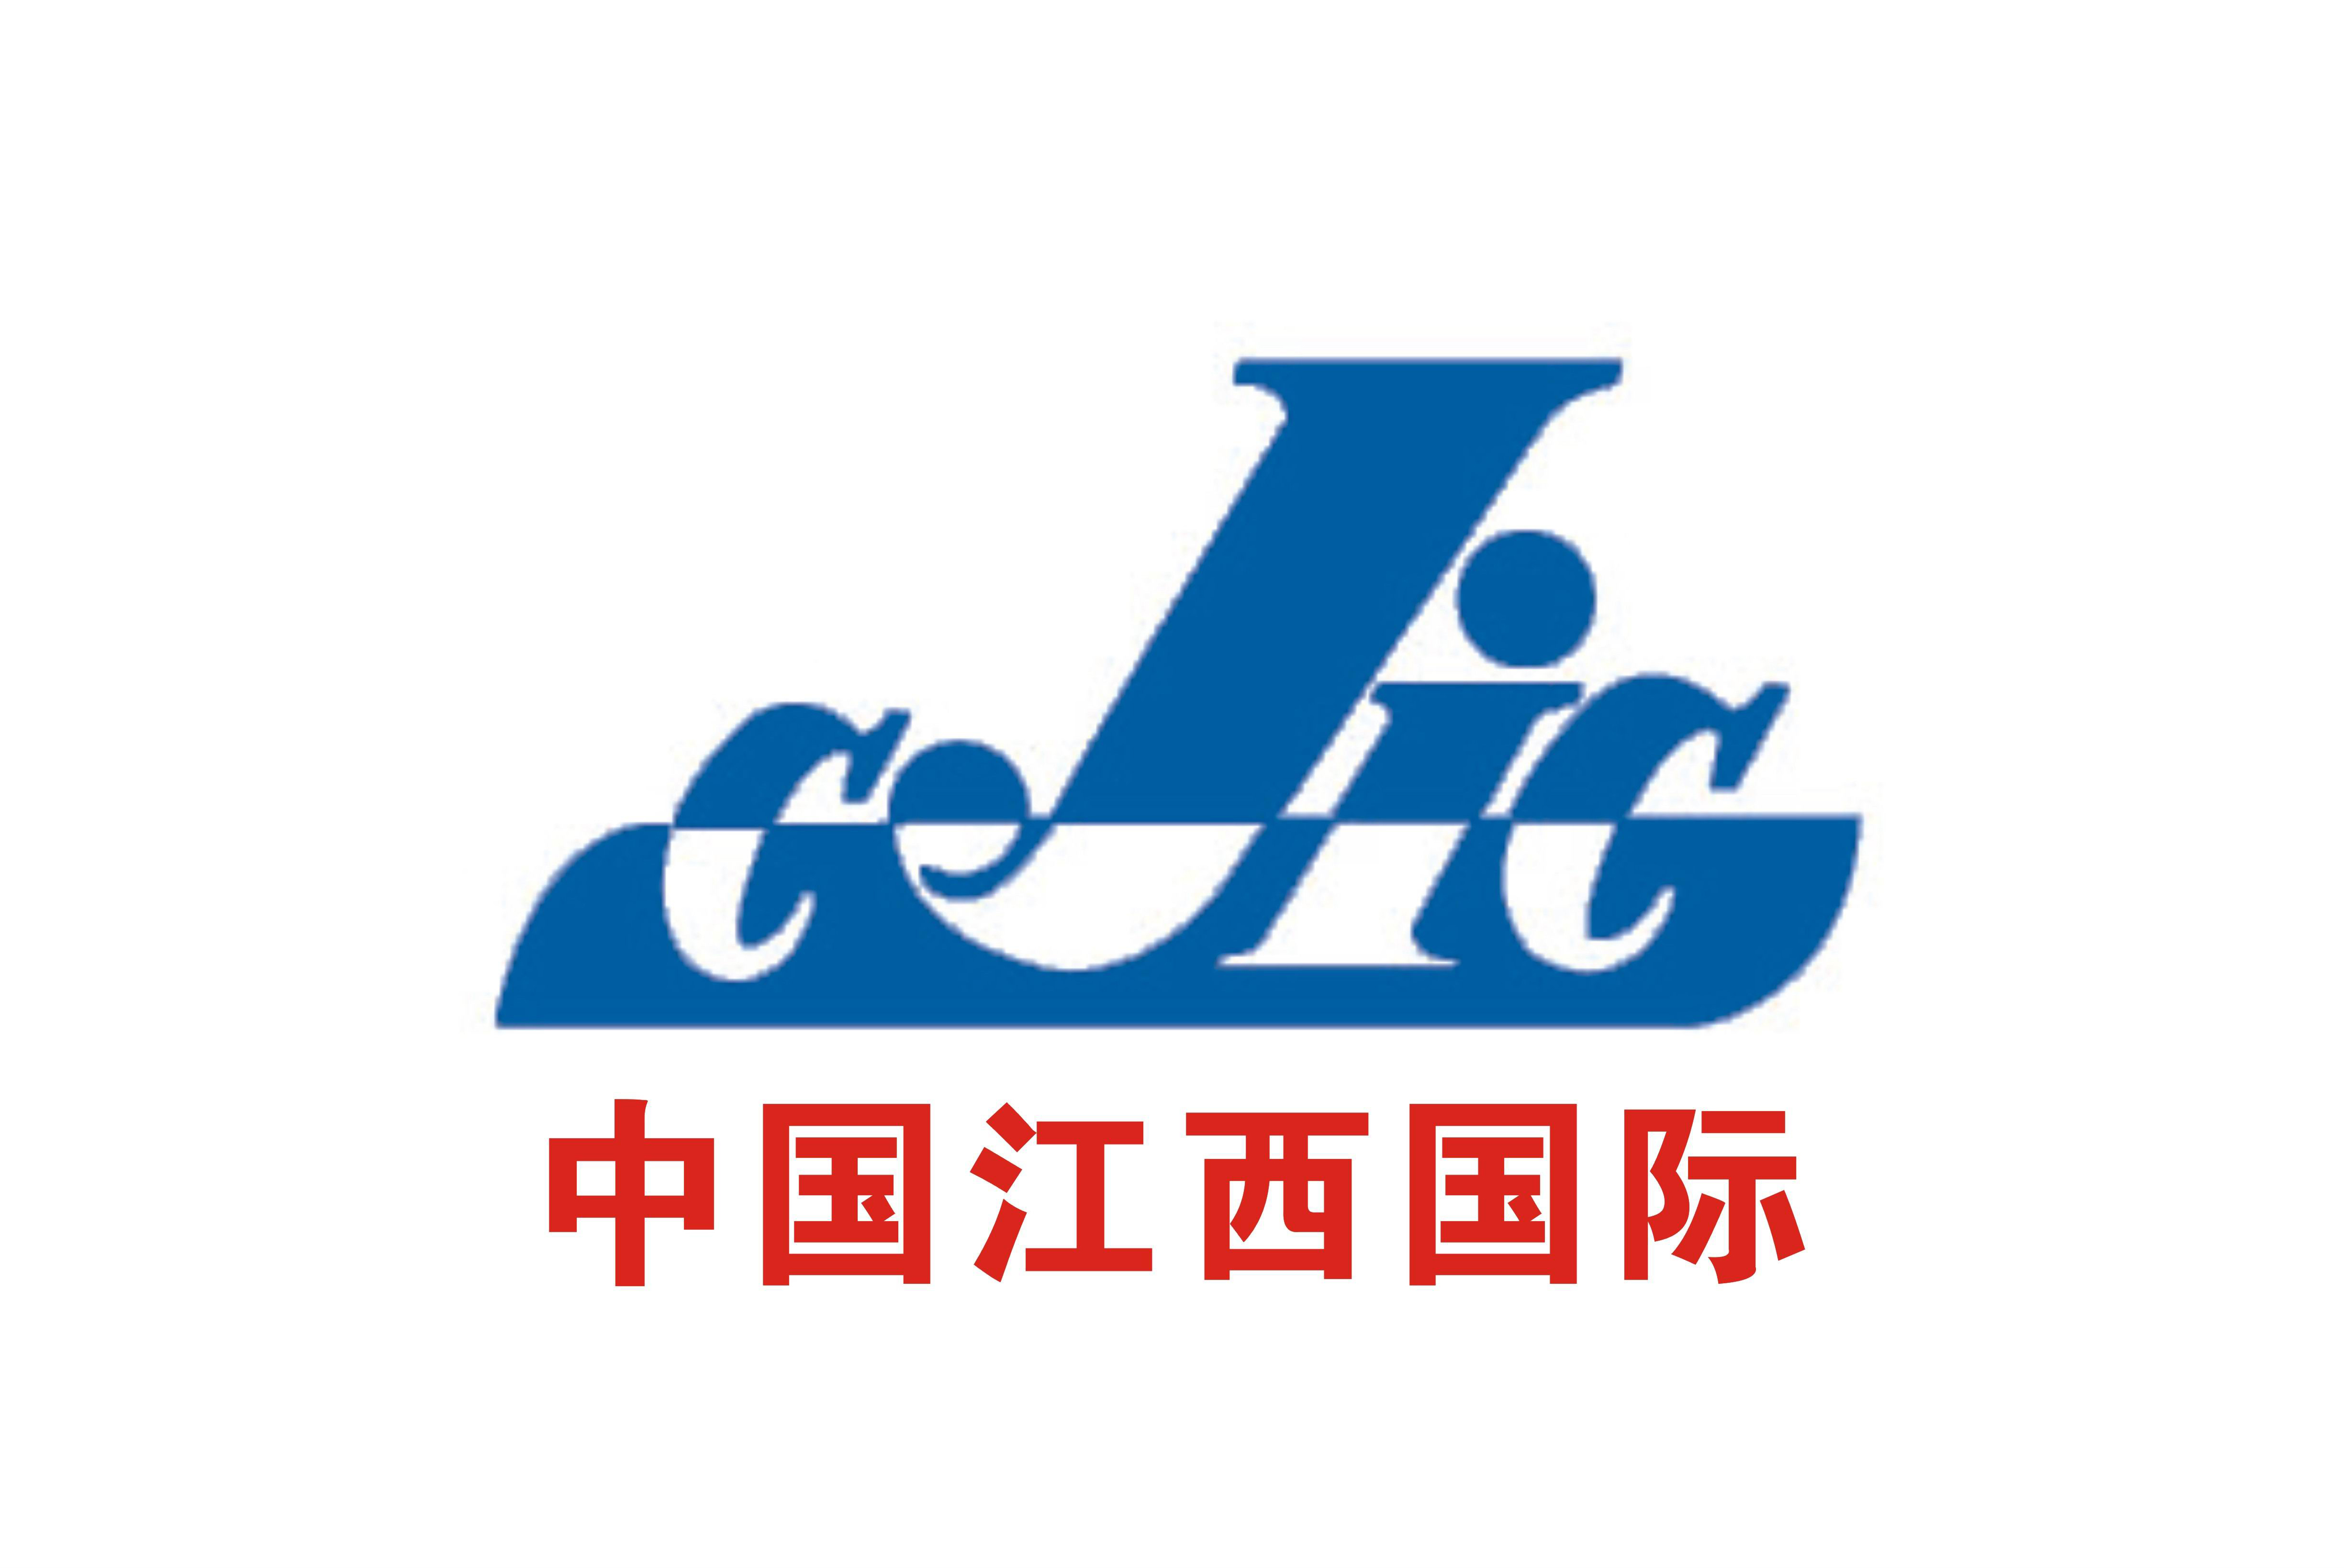 logo logo 标志 设计 矢量 矢量图 素材 图标 4906_3277